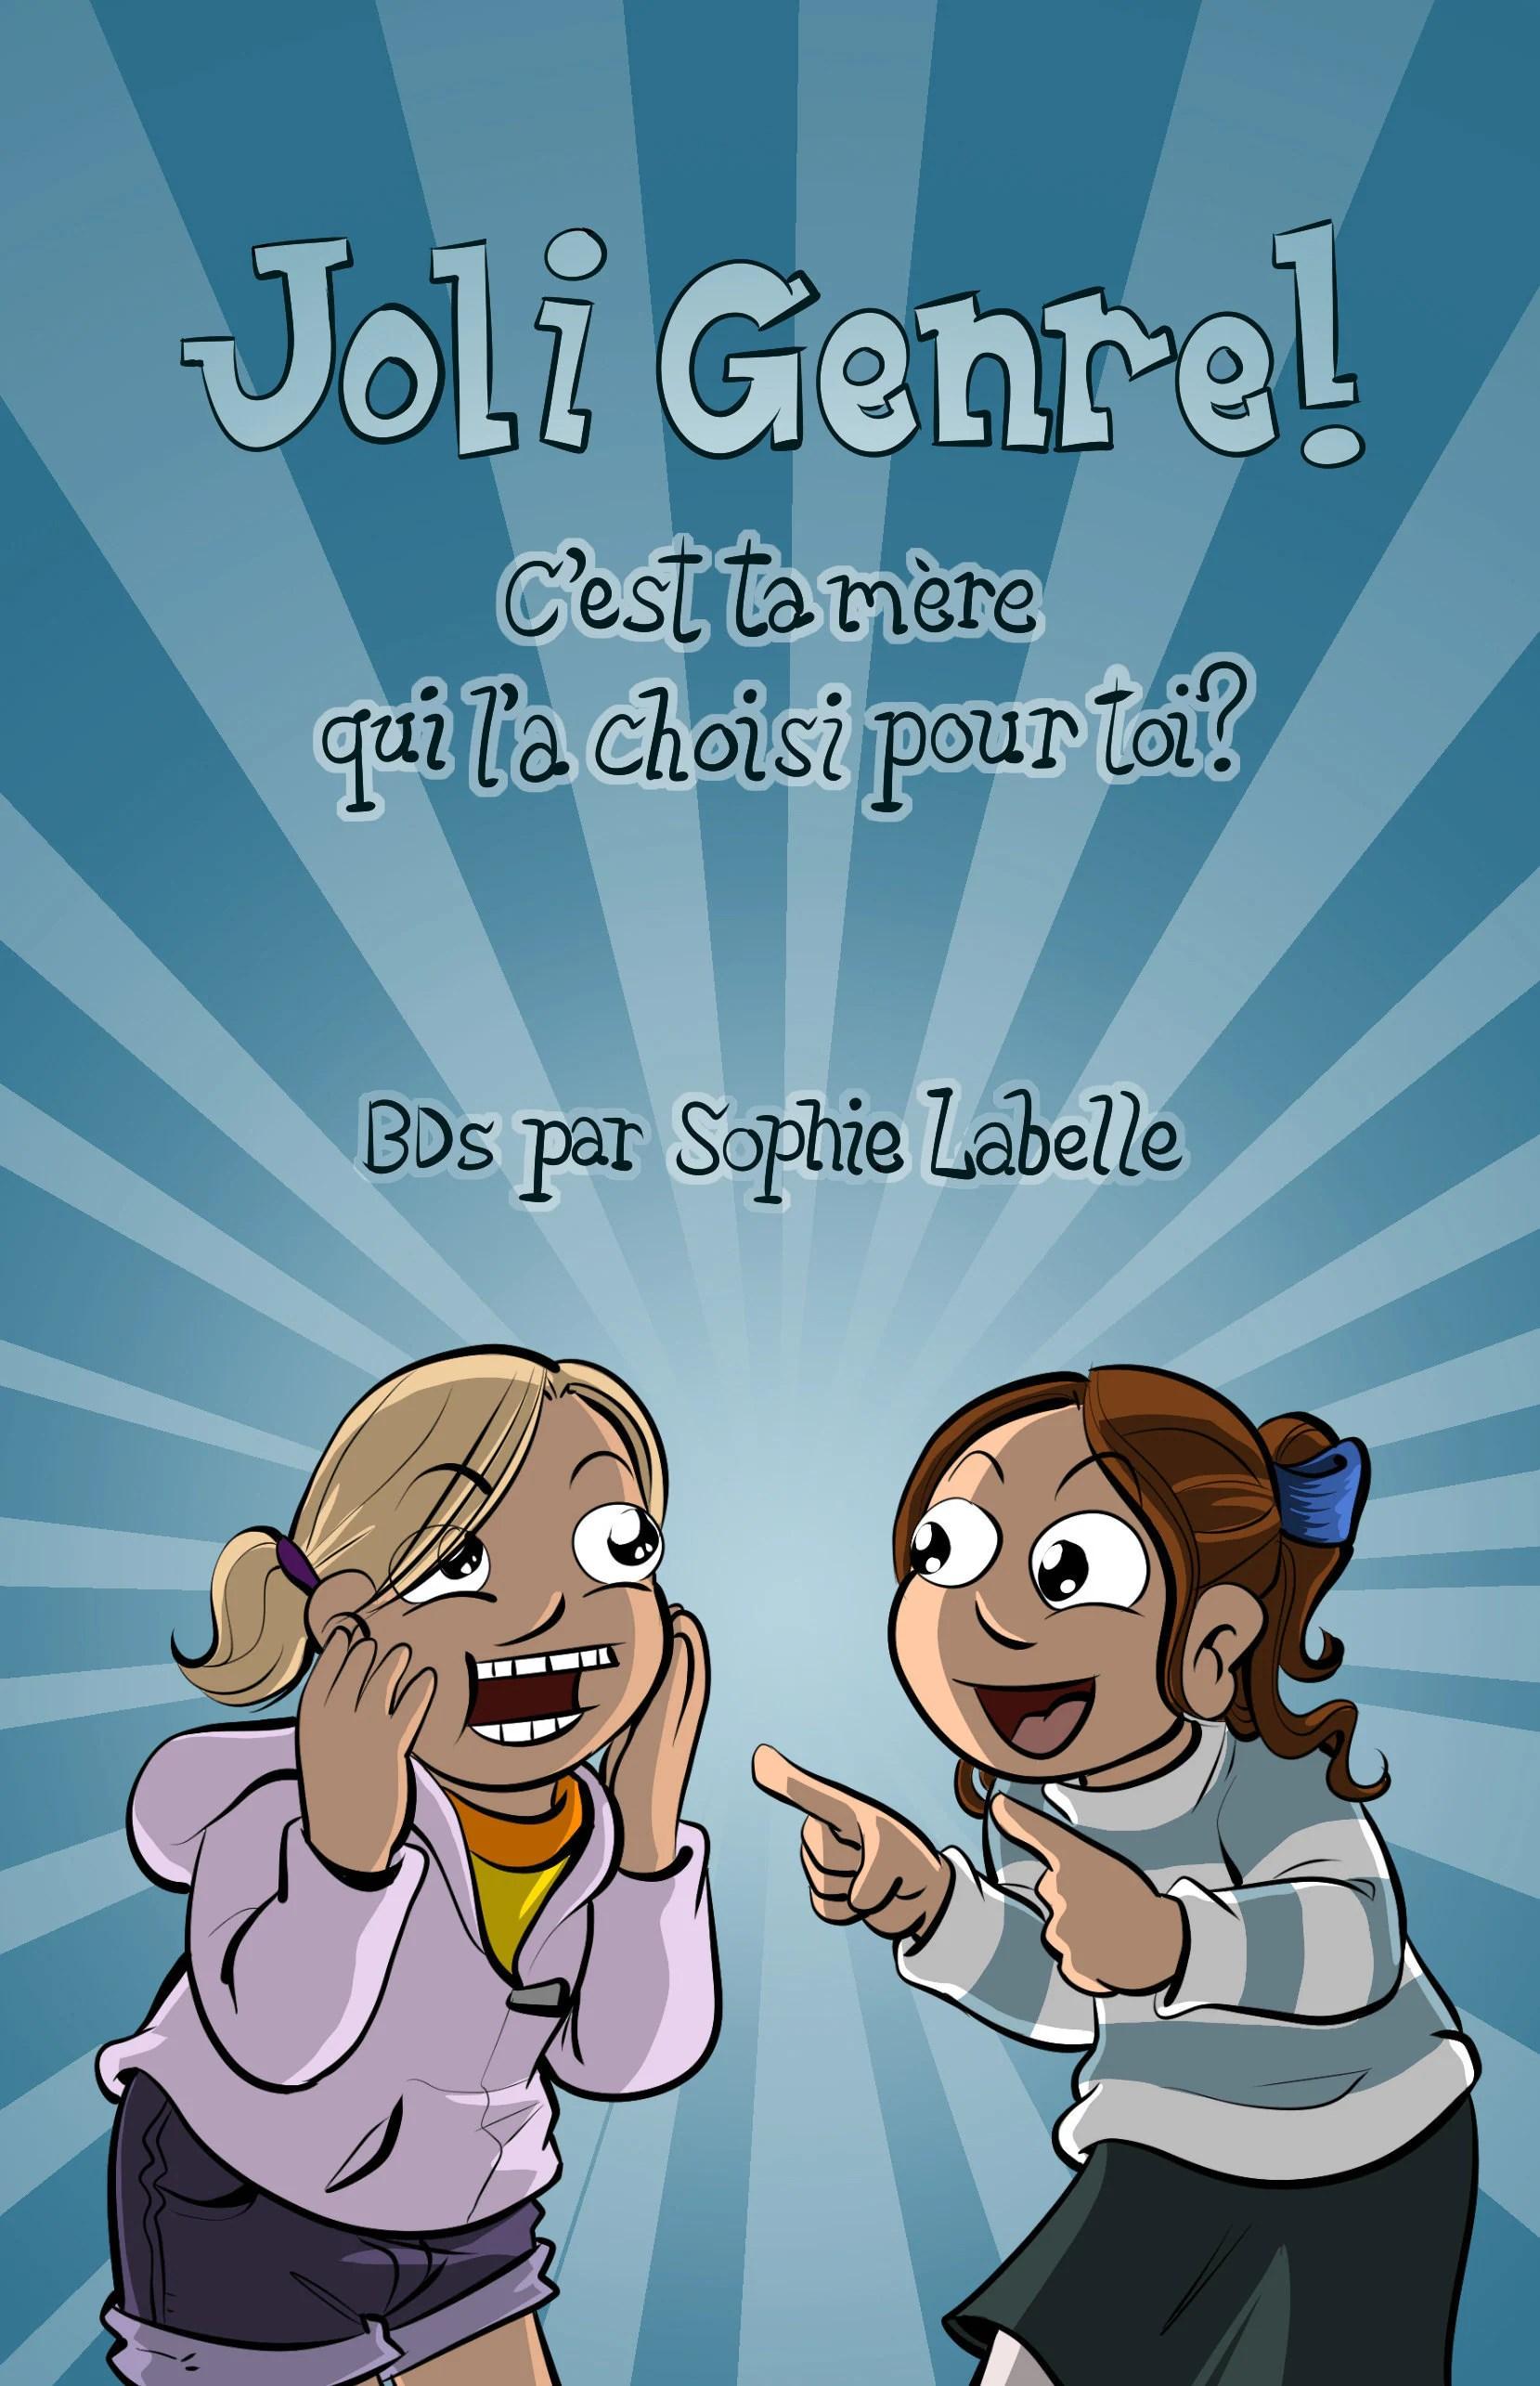 C Est Toi Qui Choisi : choisi, Genre!, C'est, Mère, Choisi, Sophie, Labelle